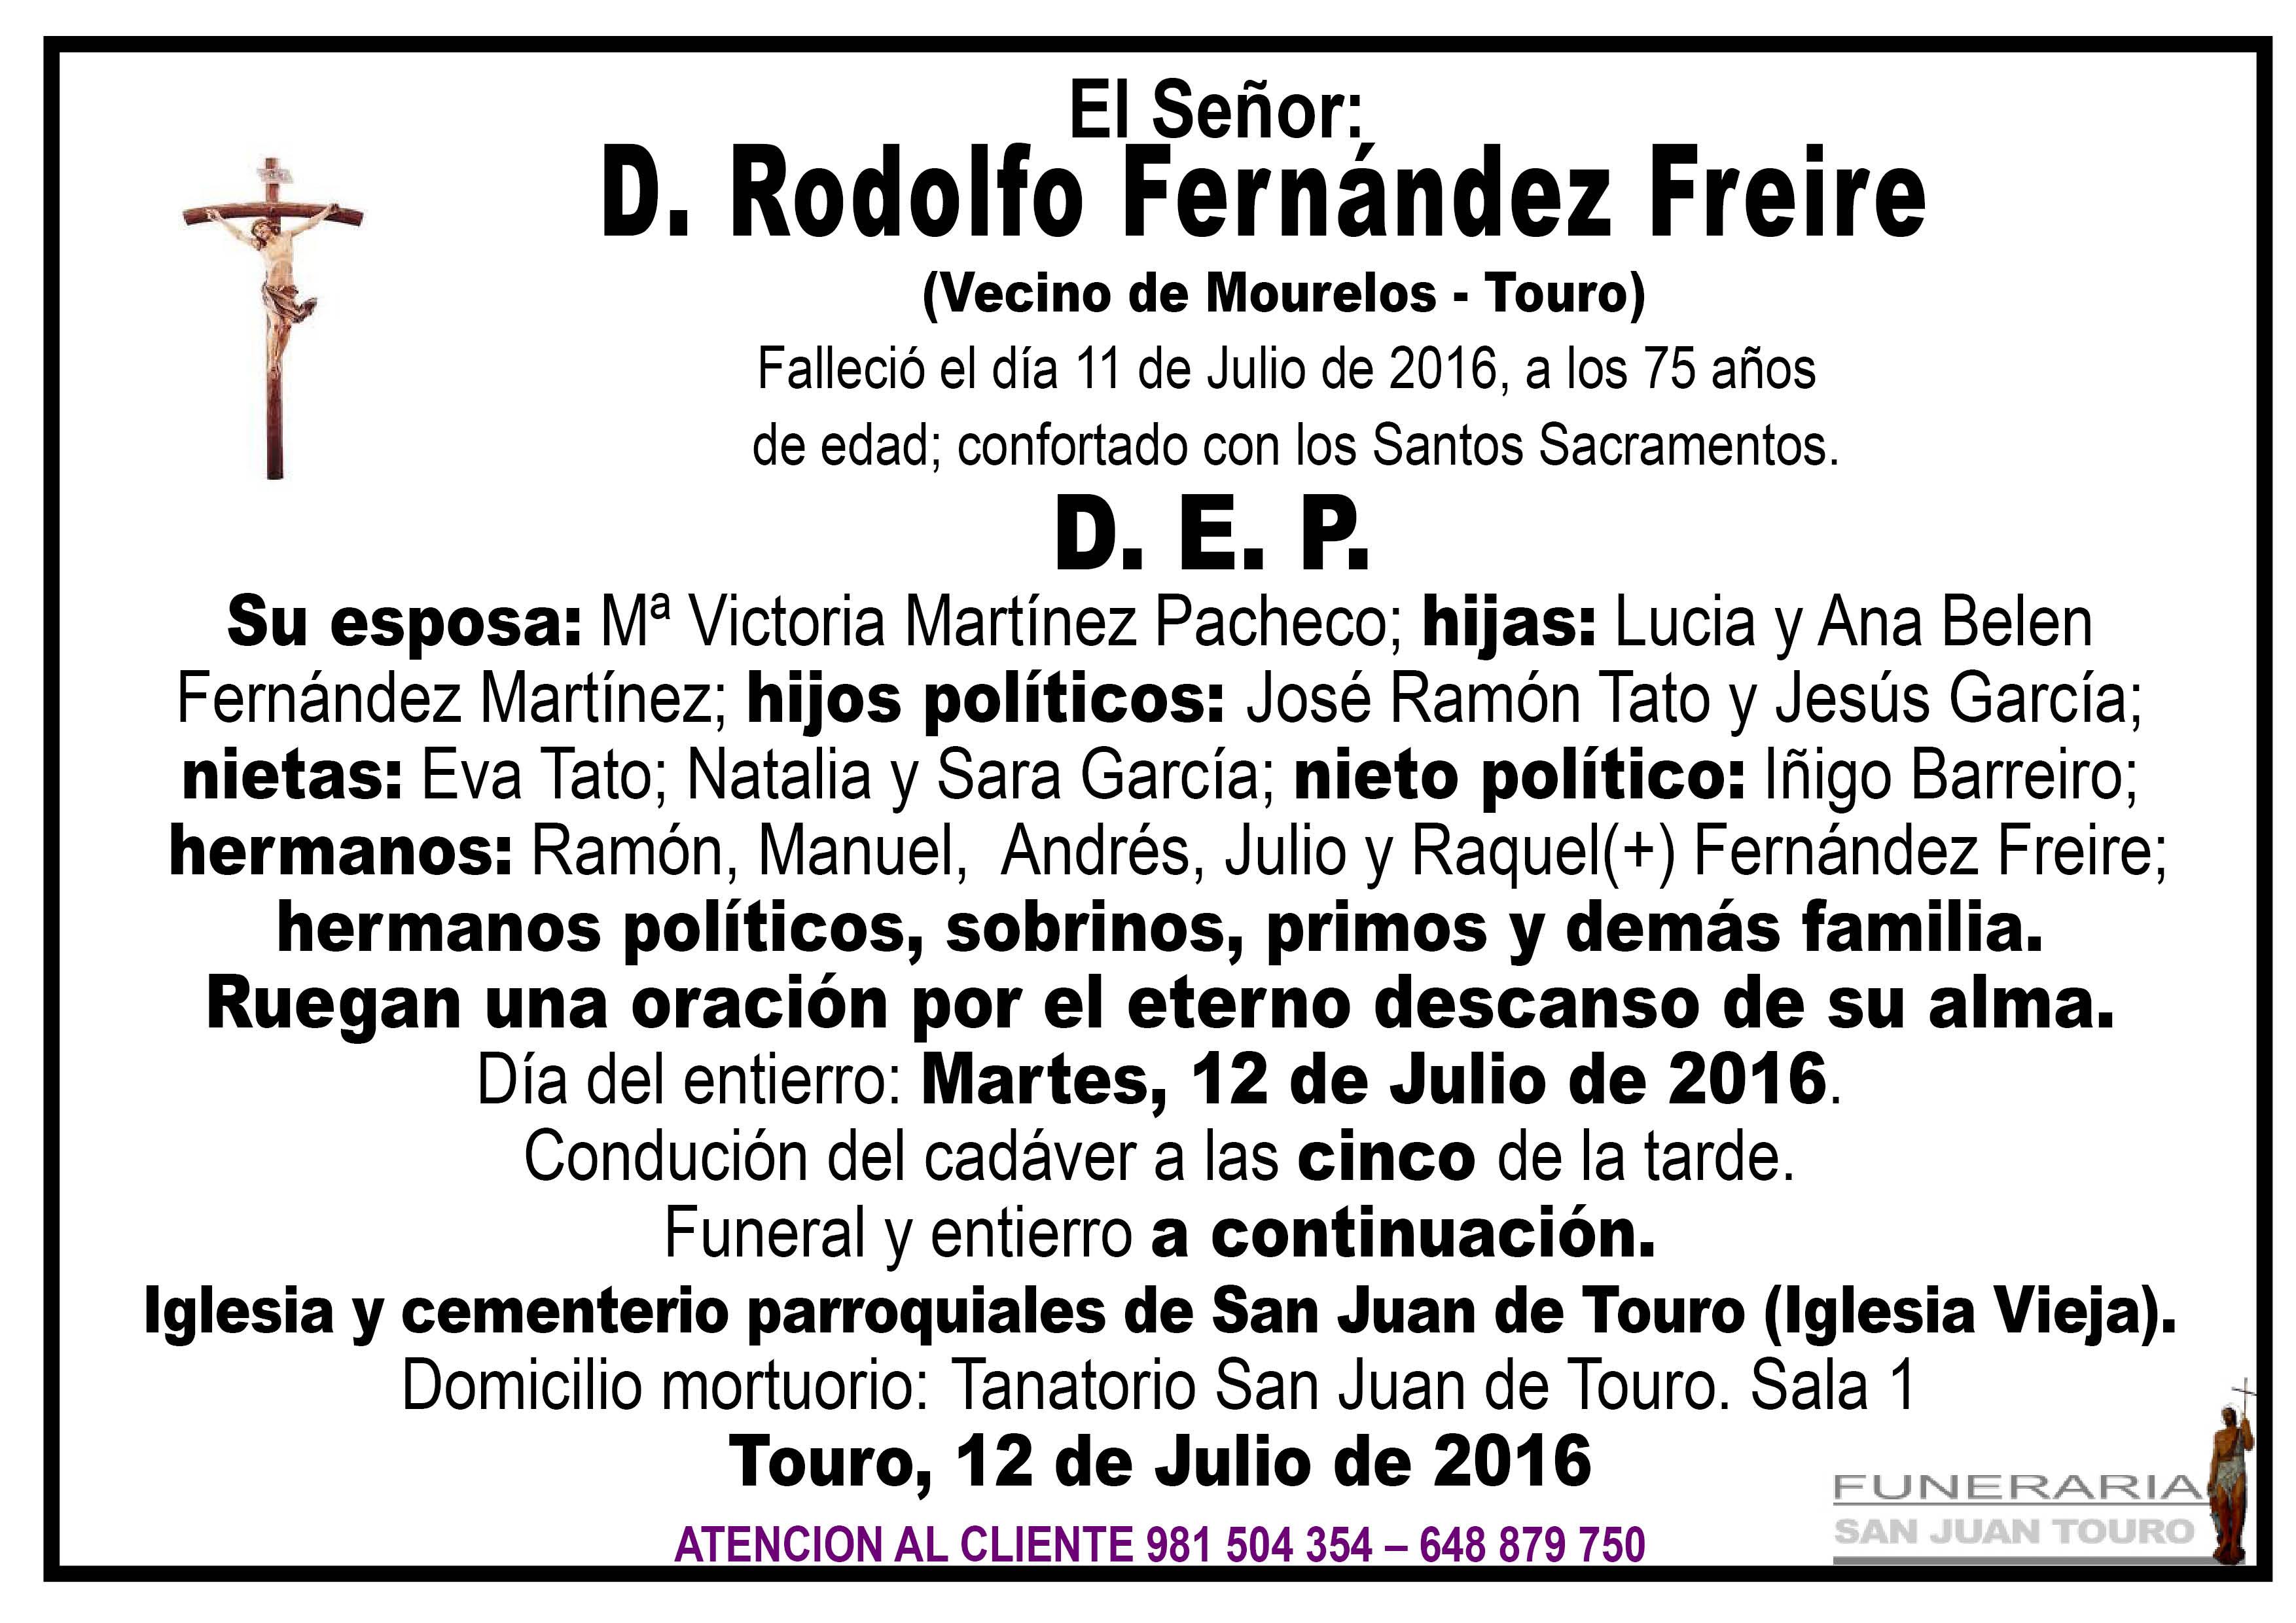 Esquela de SEPELIO D. RODOLFO FERNÁNDEZ FREIRE